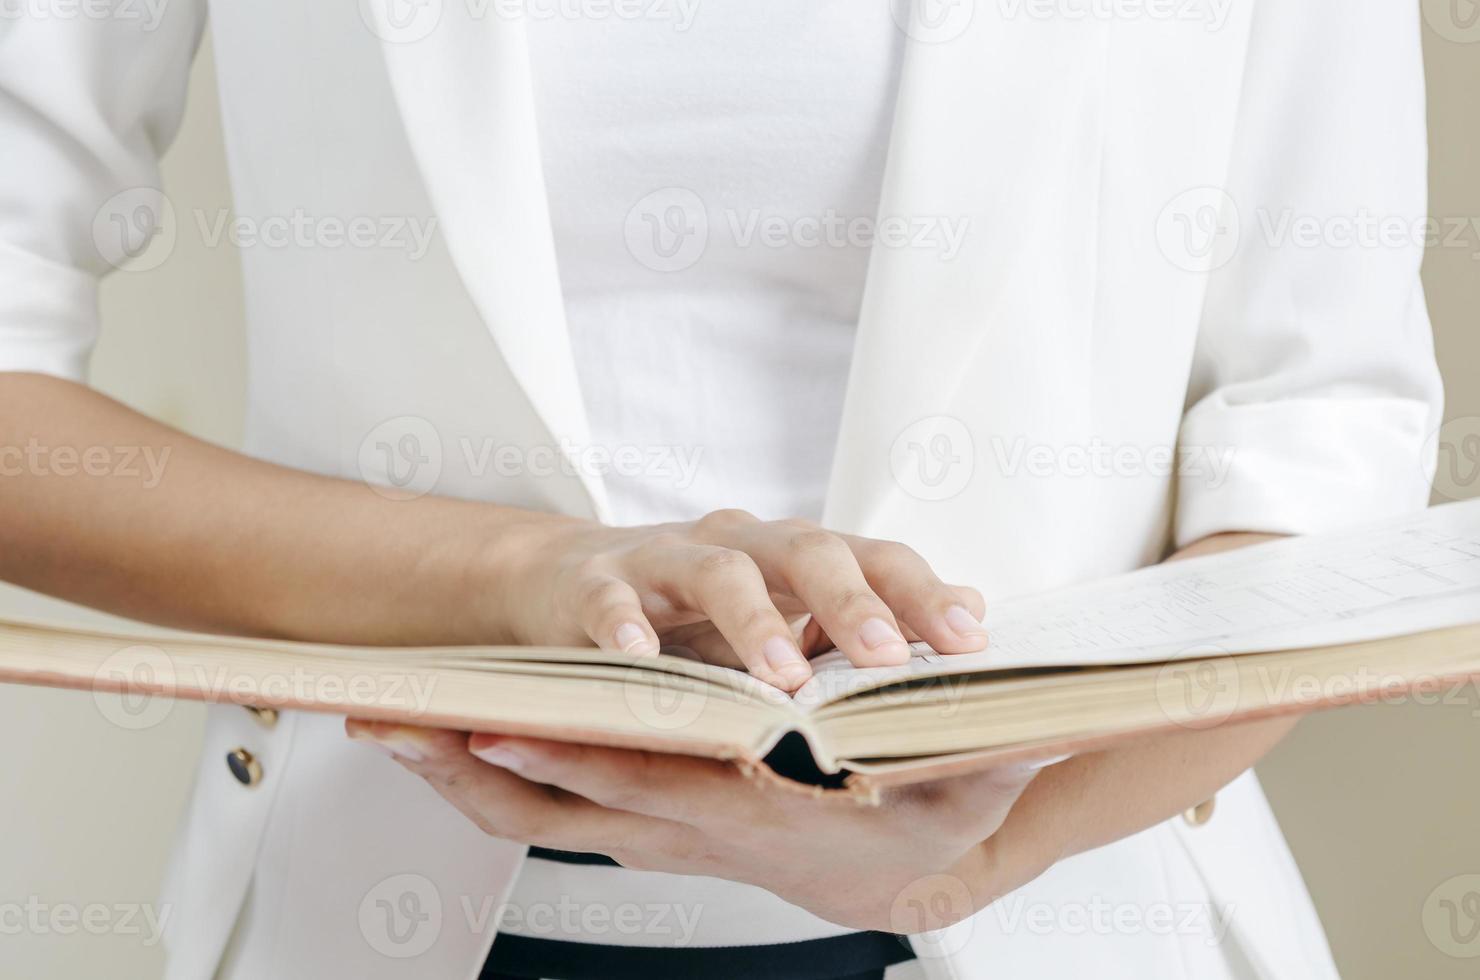 een handleiding lezen foto